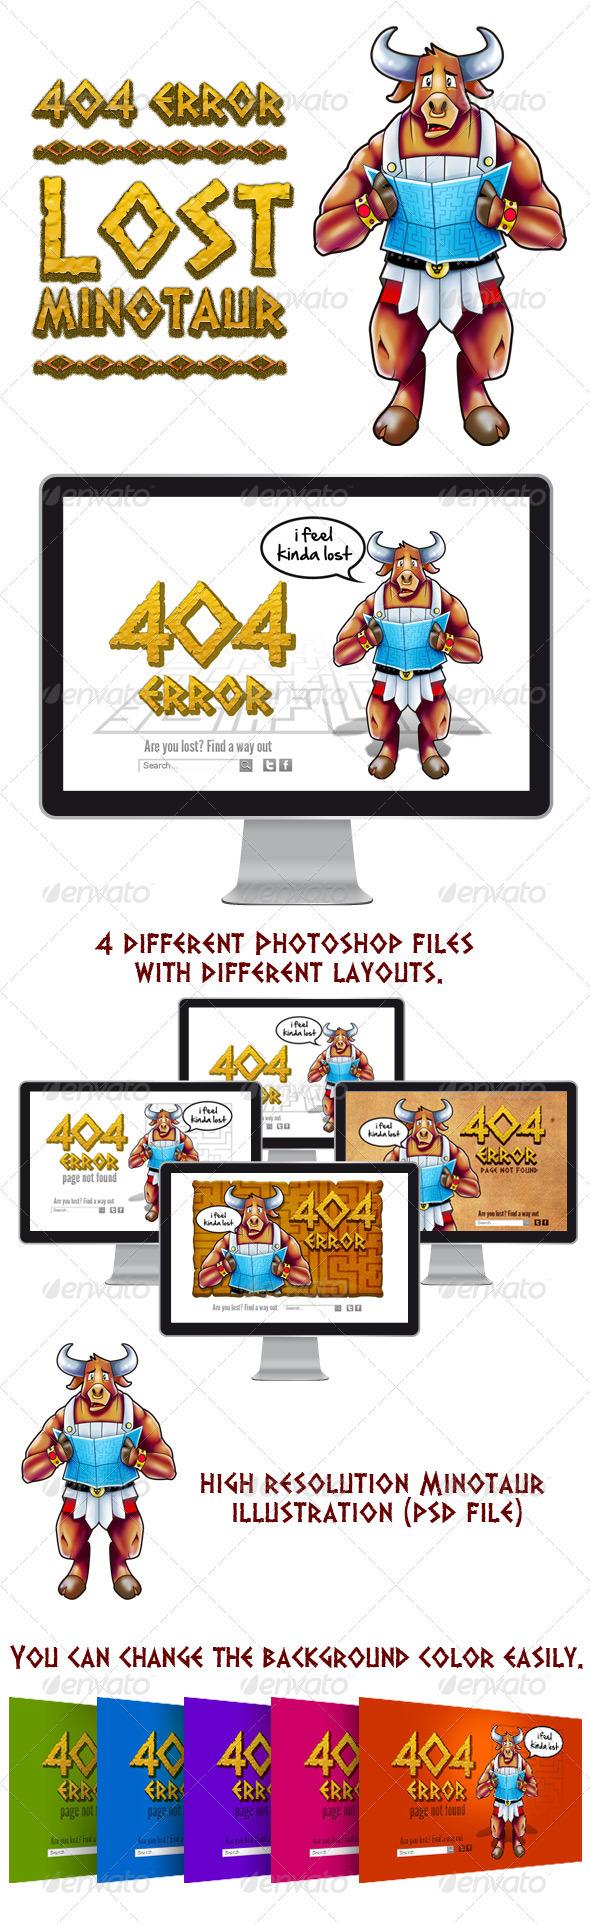 Lost Minotaur - 404 Error - 404 Pages Web Elements